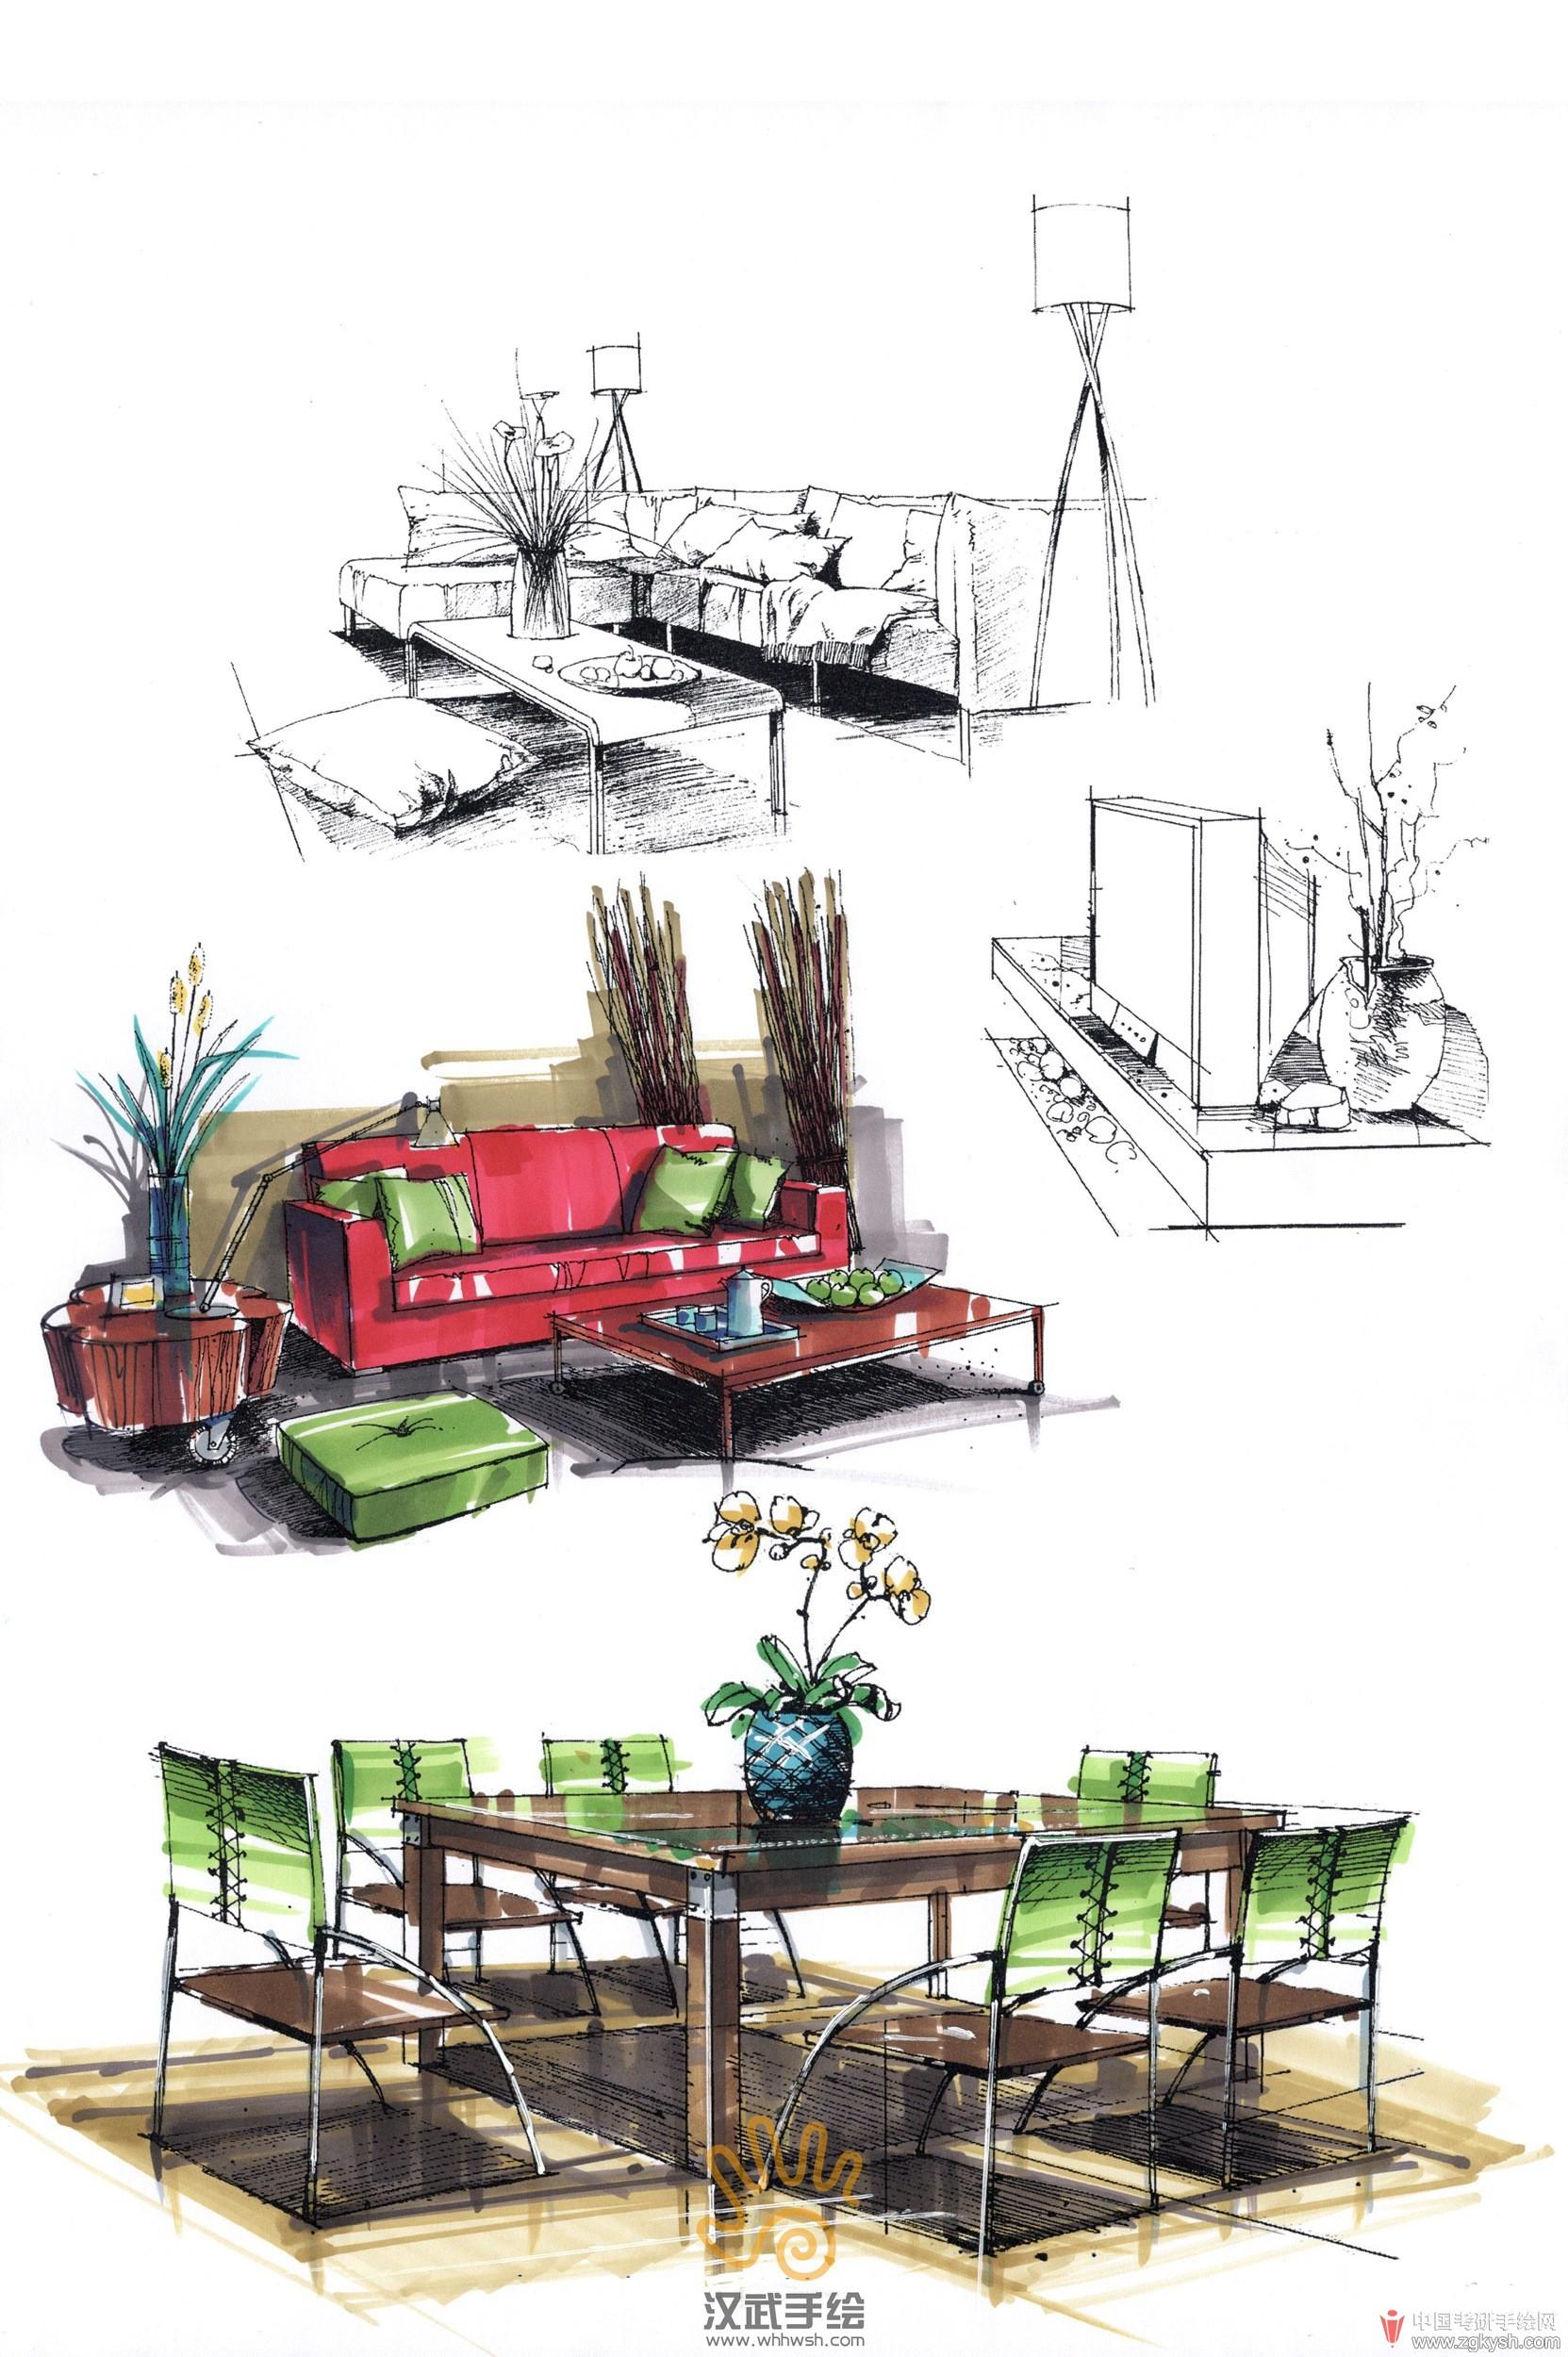 室内沙发手绘组合上色2.jpg